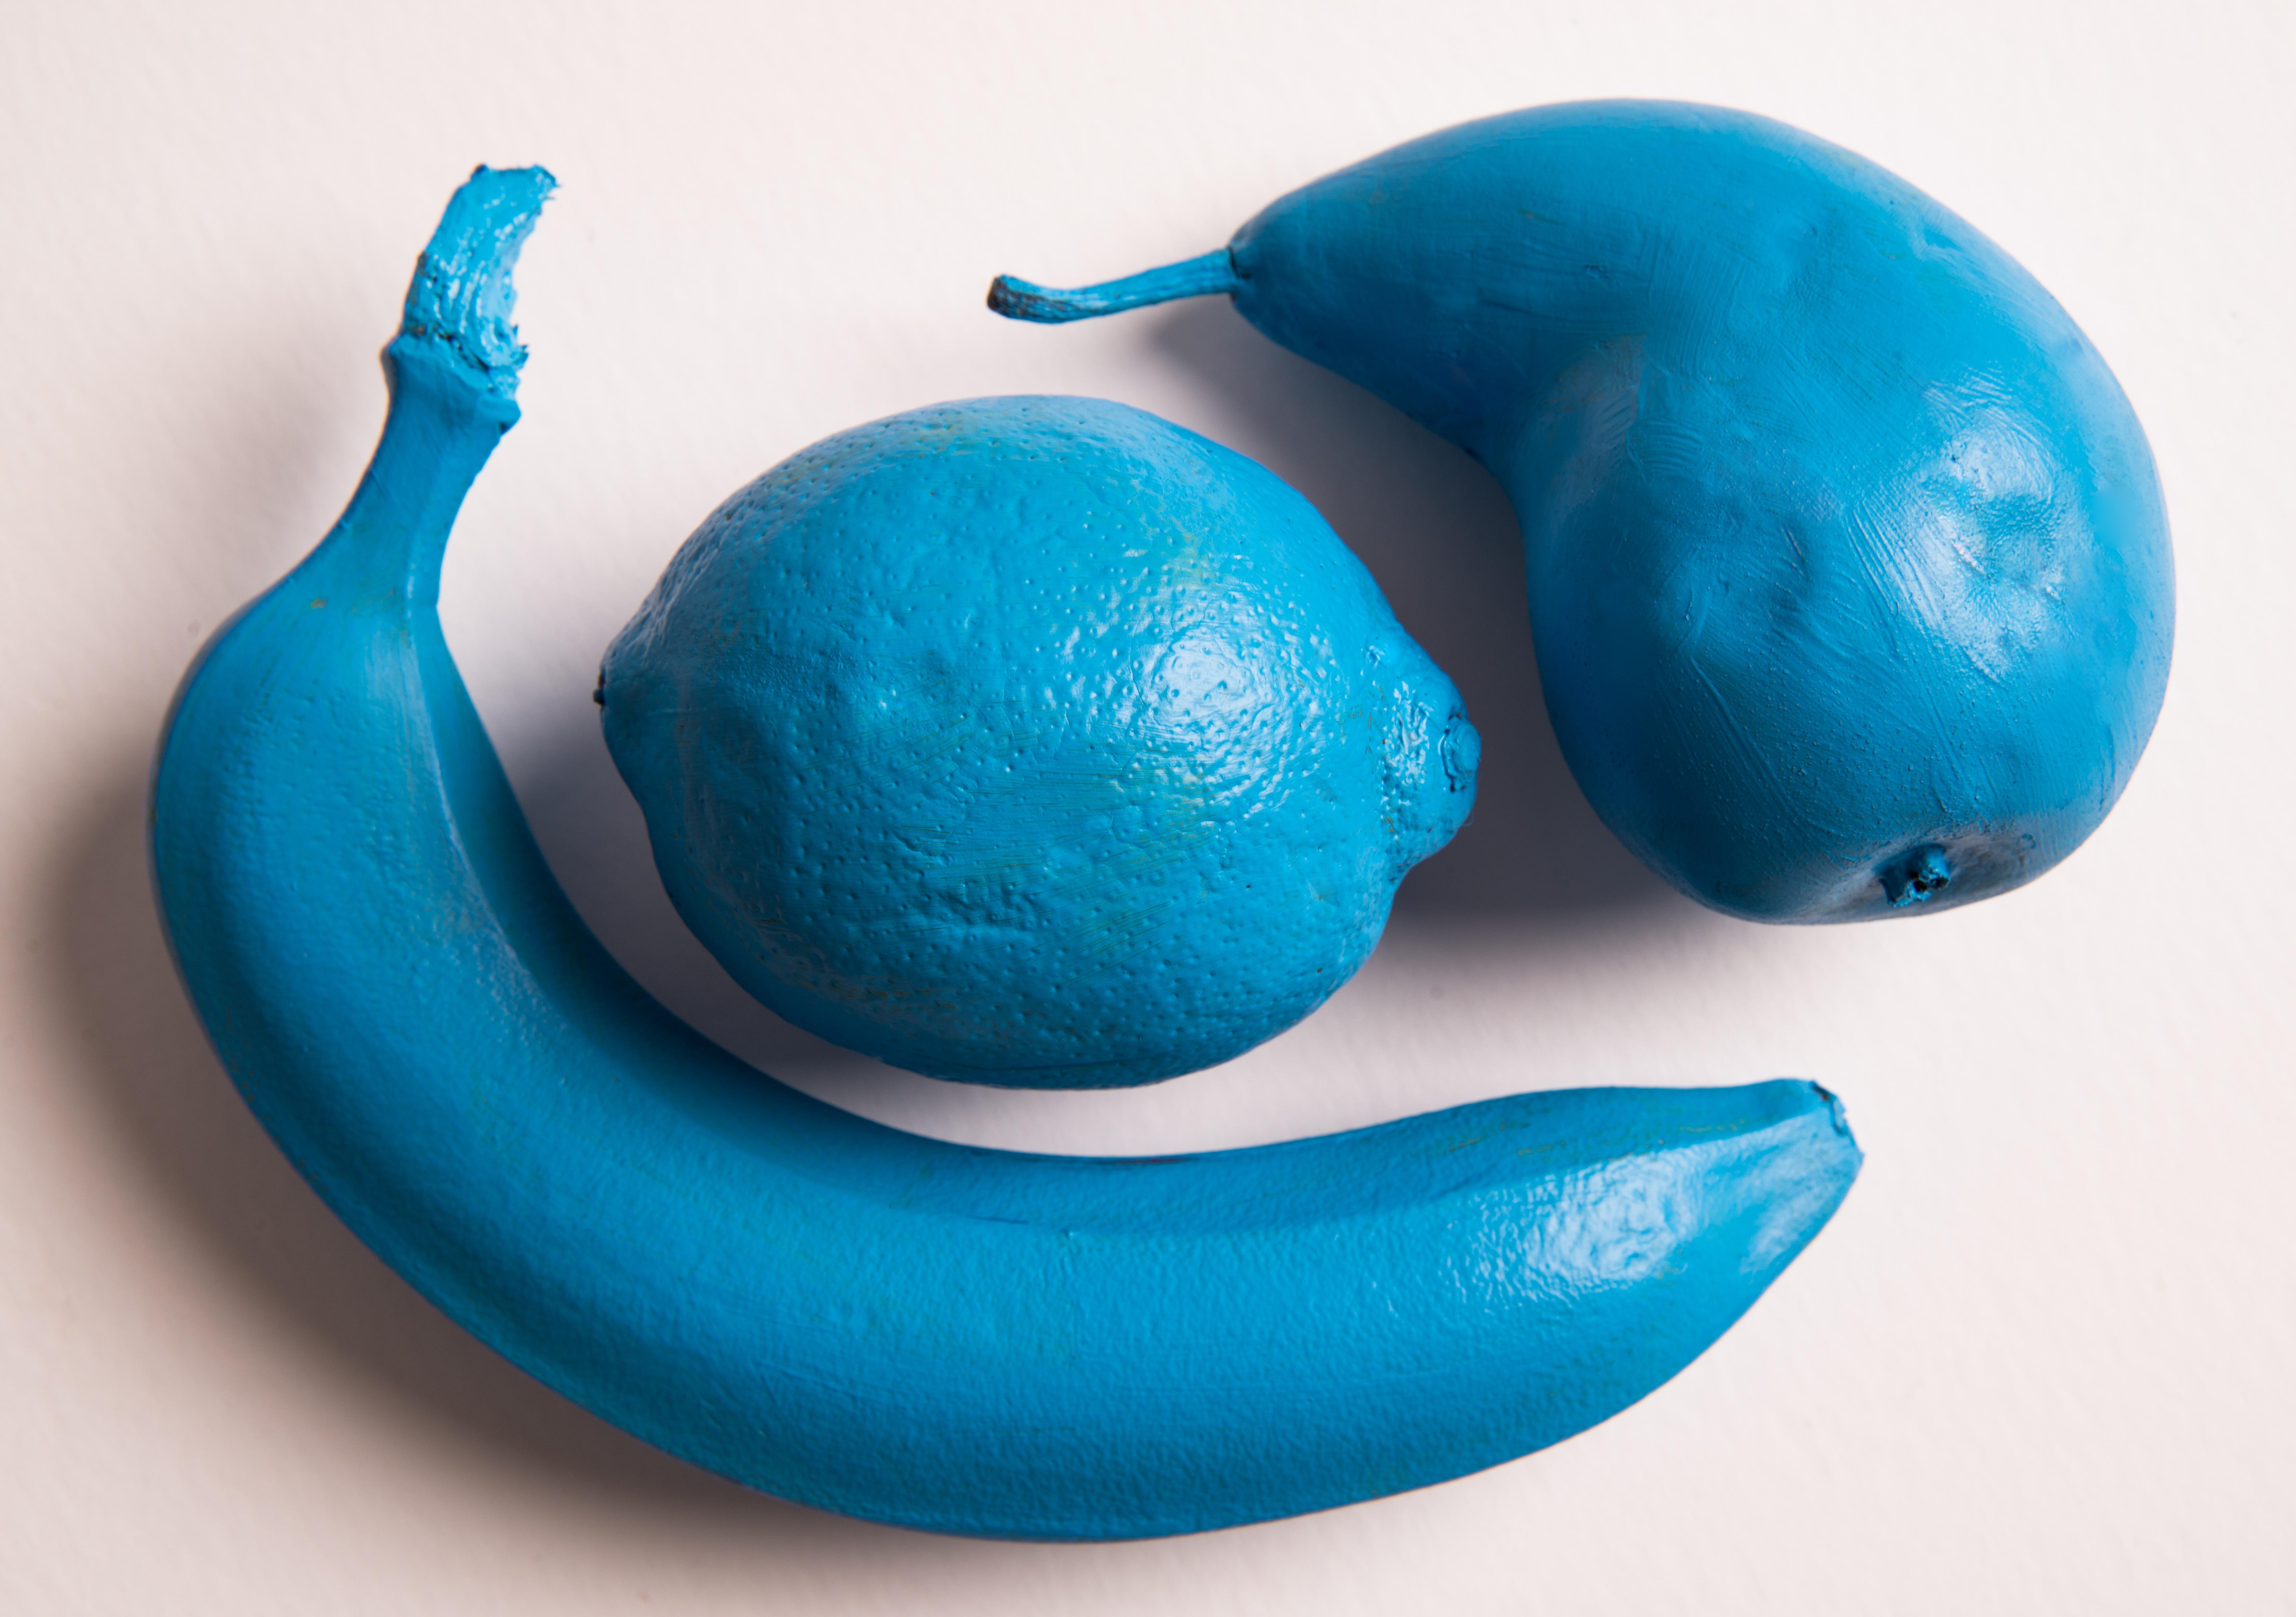 Gambar Makanan Menghasilkan Pisang Pir Lemon Peralatan Gym Ball Fitness Bola Olahraga Senam Yoga Kesehatan Biru Pirus Buah Swiss